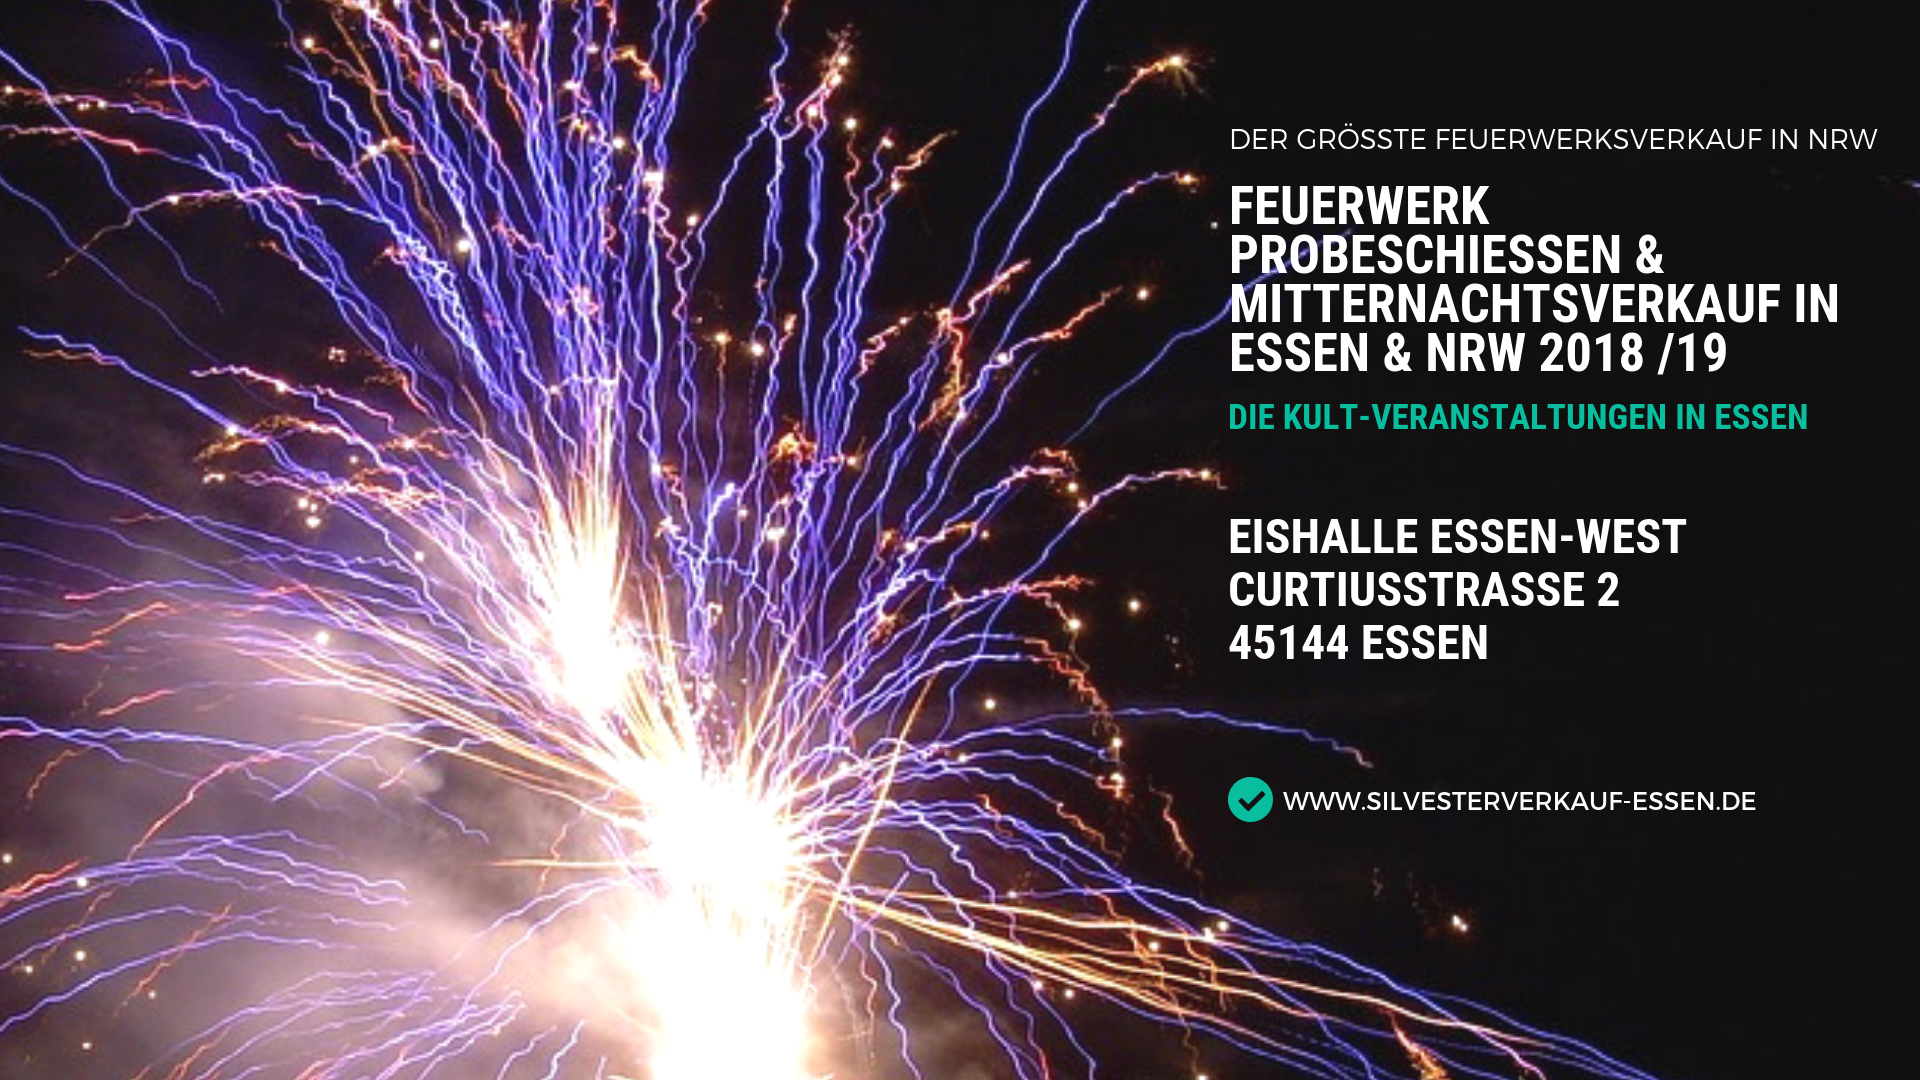 Feuerwerk Probeschießen & Mitternachtsverkauf in Essen & NRW 2018 19